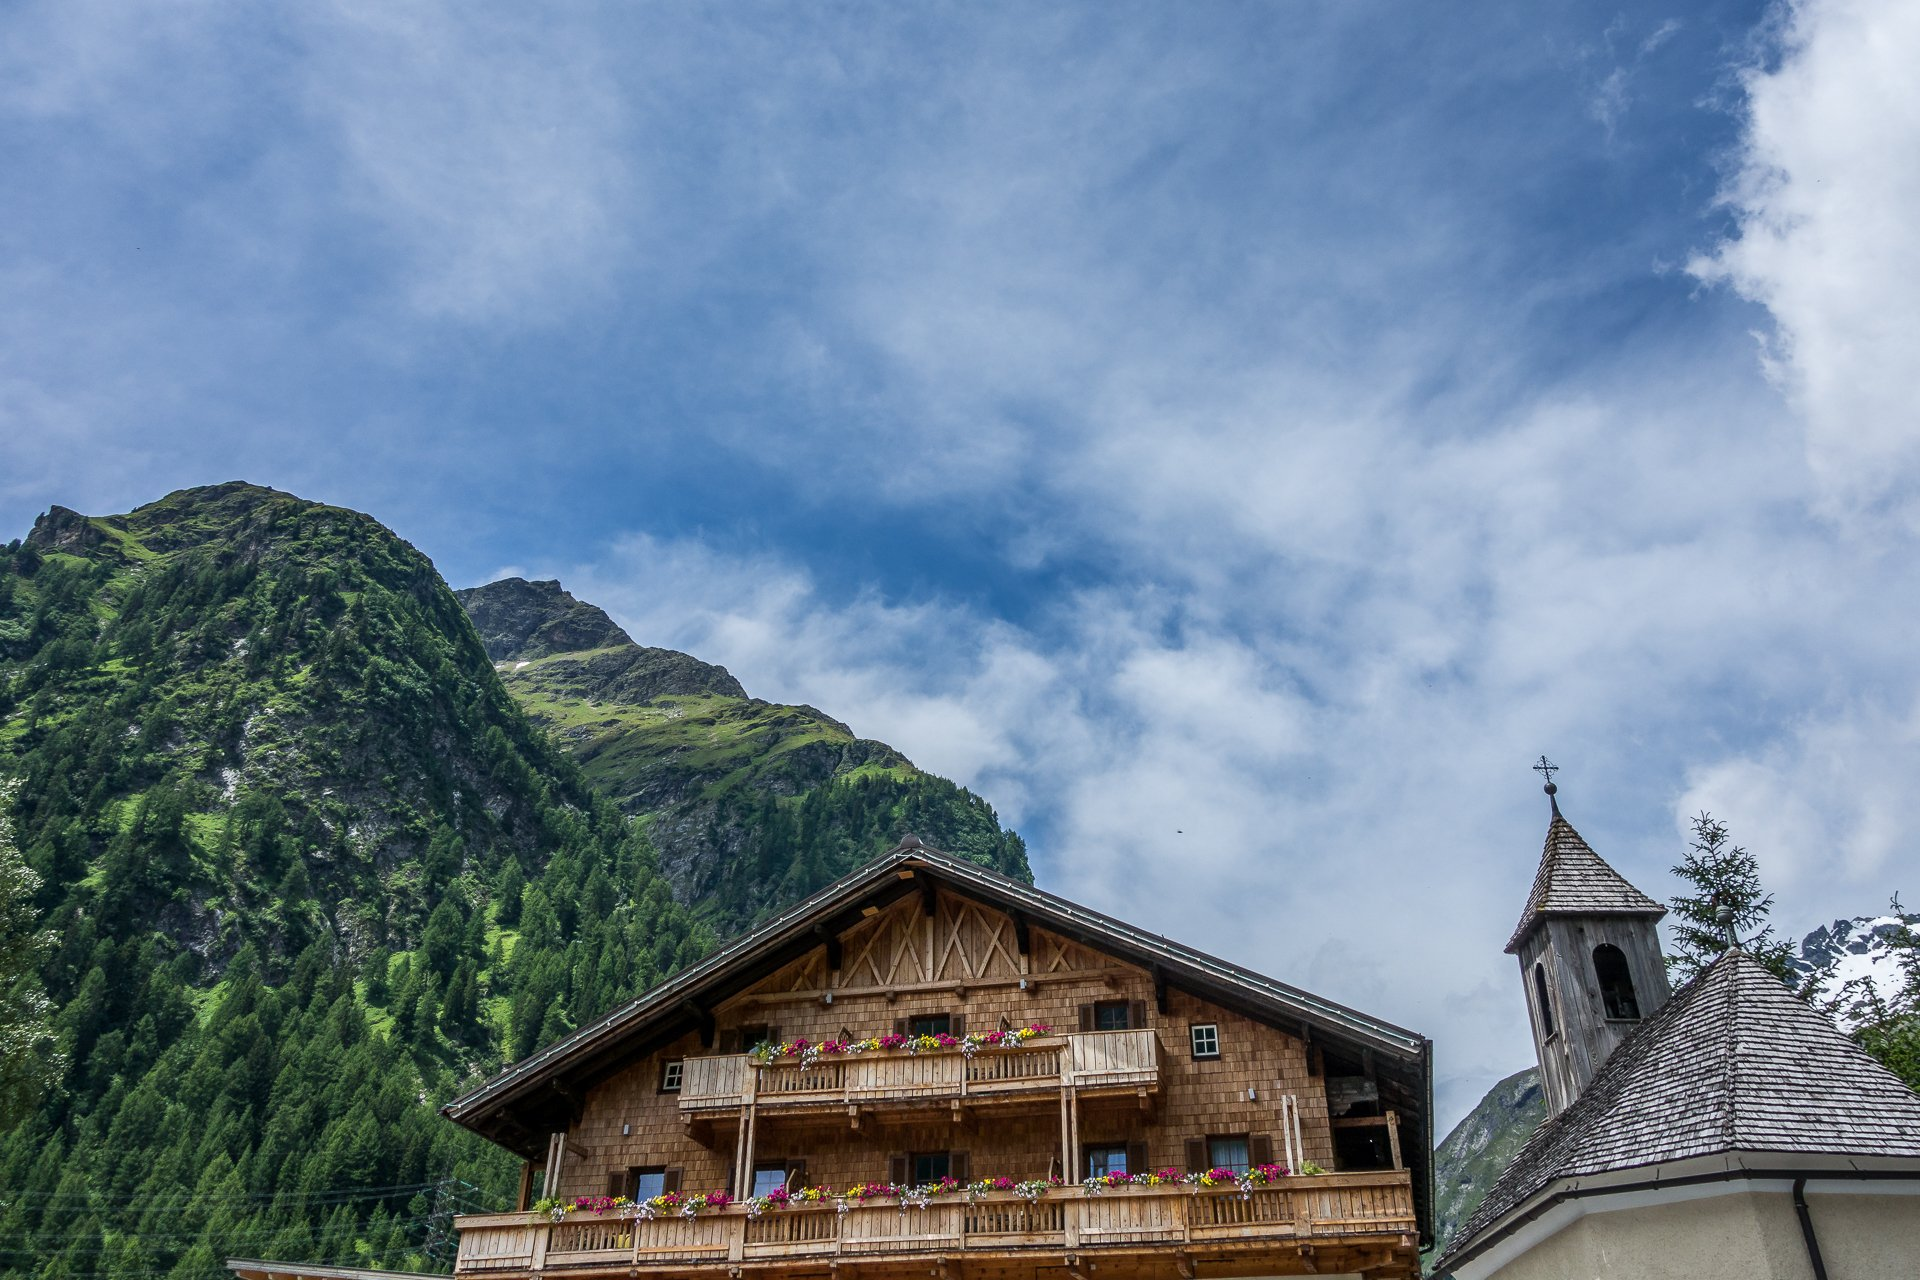 Matreier-Tauernhaus-Osttirol